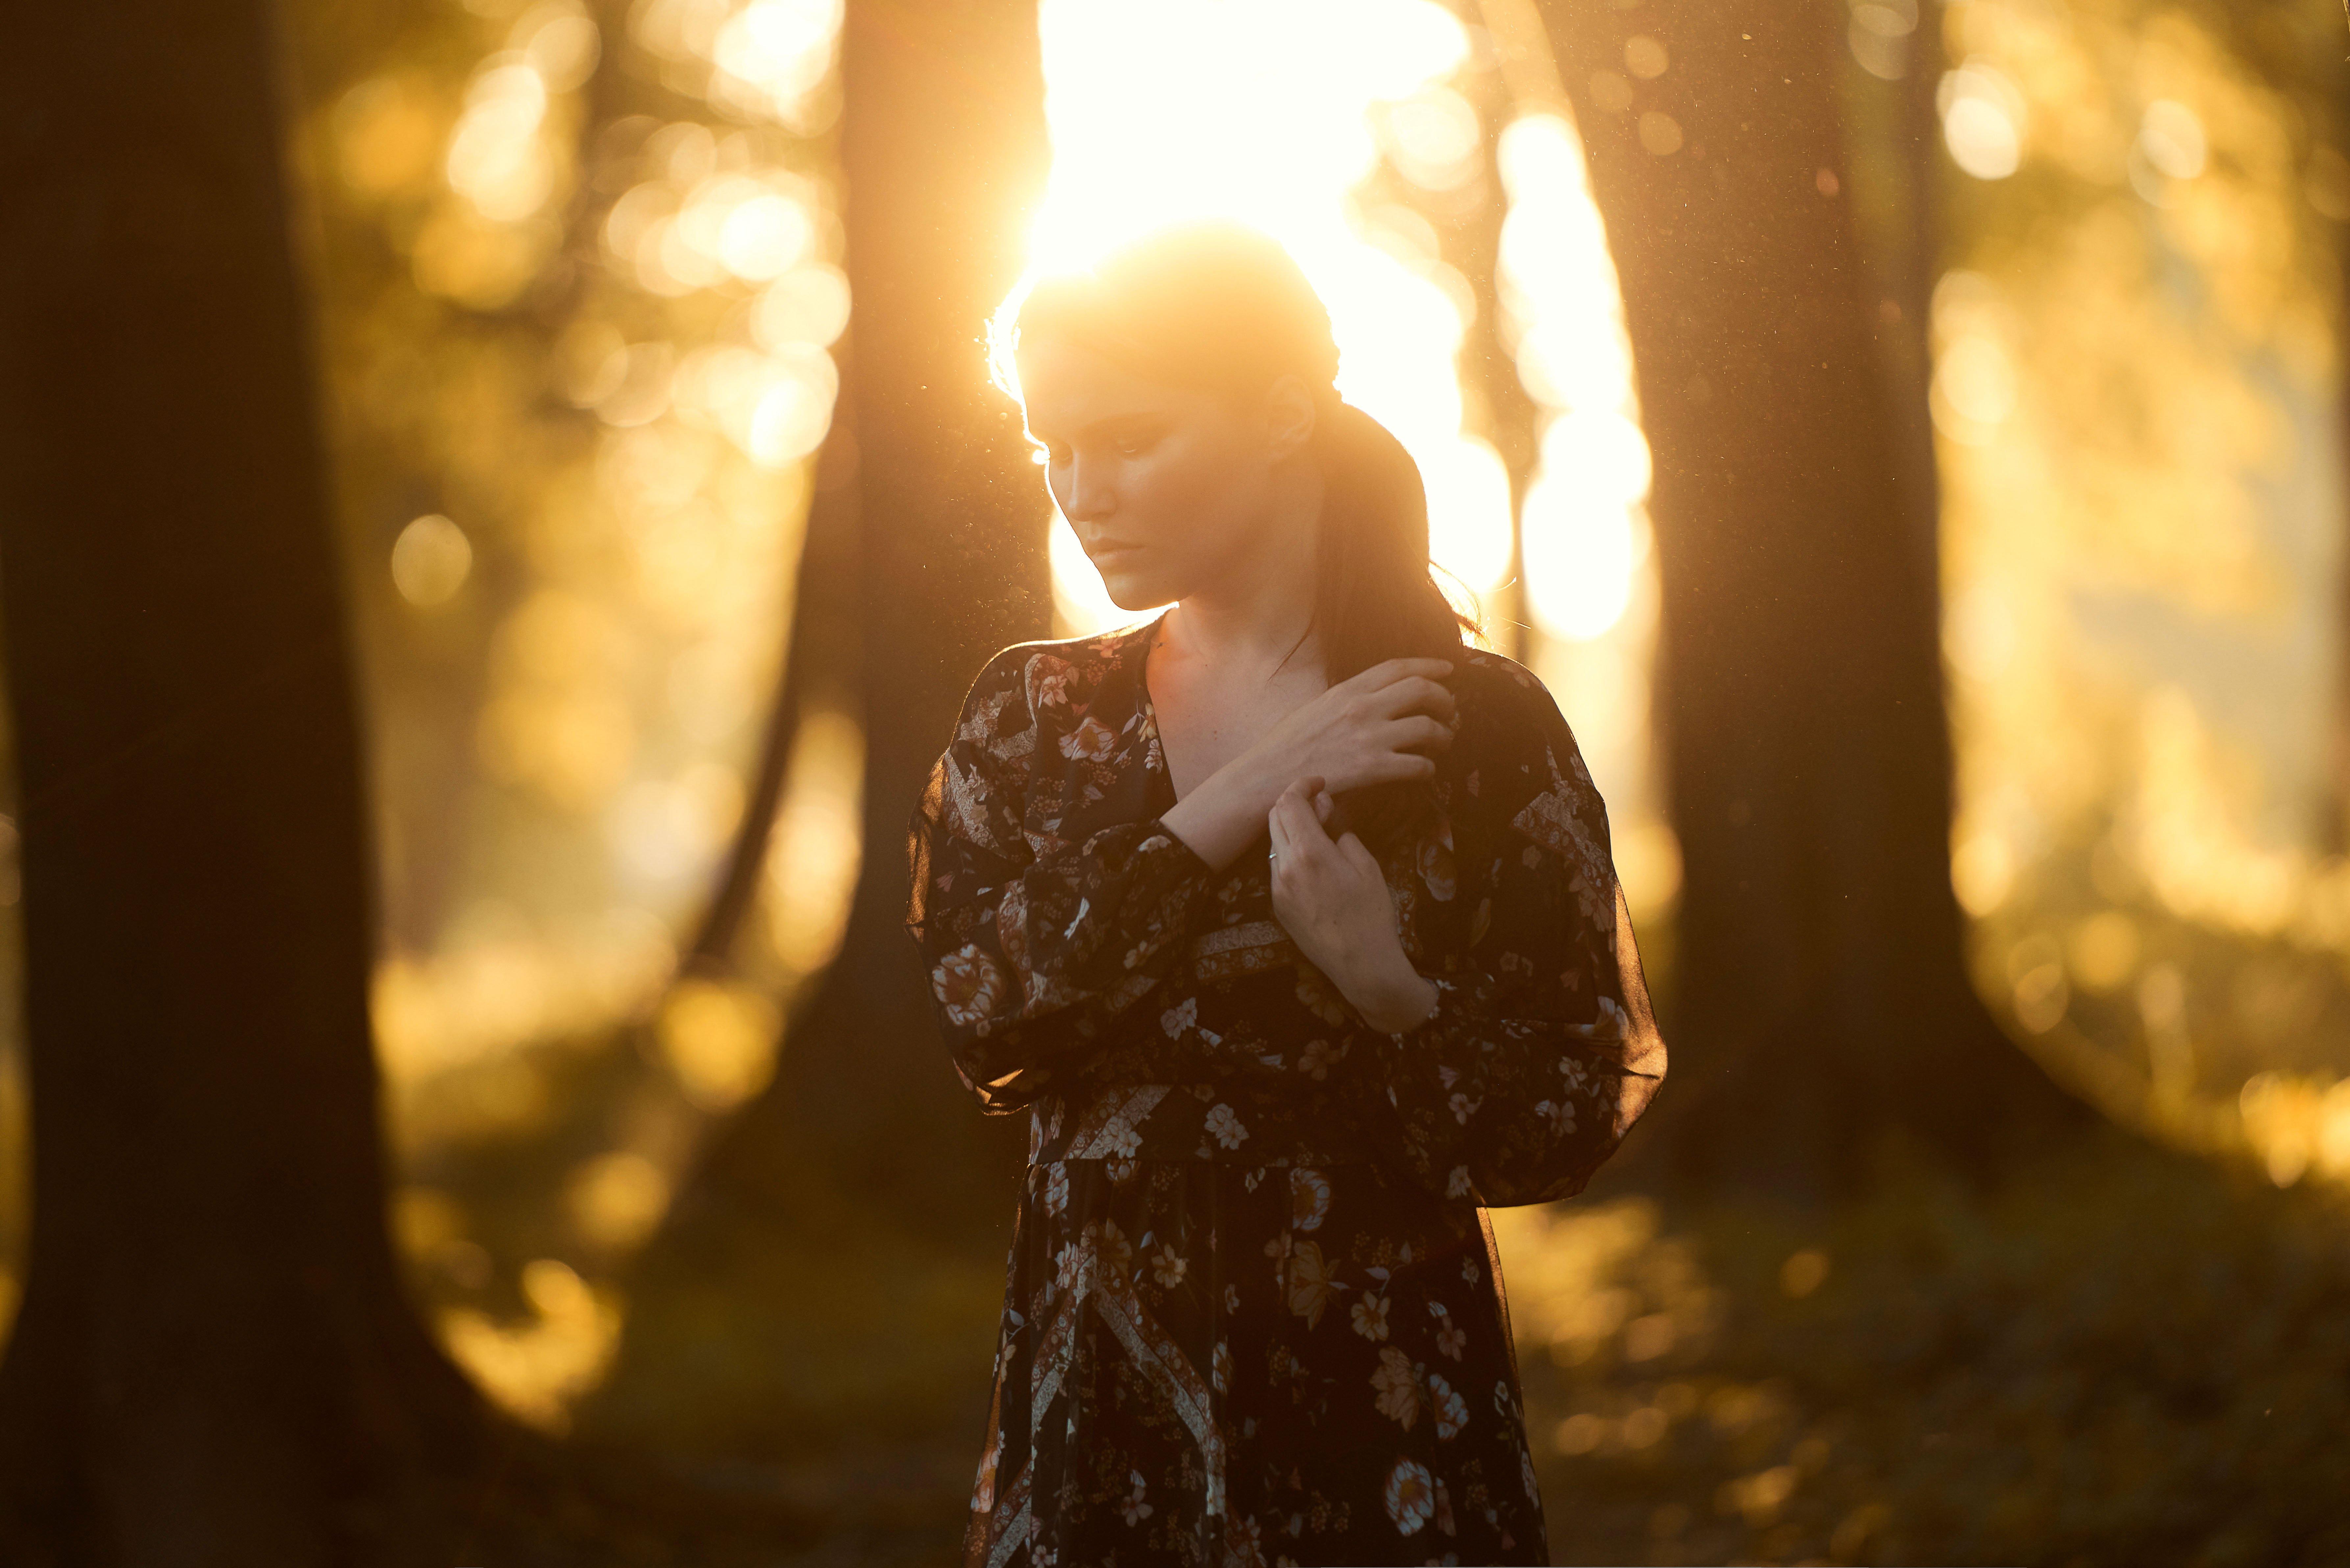 закат, девушка, природа, свет, эмоция, Колесников Владимир